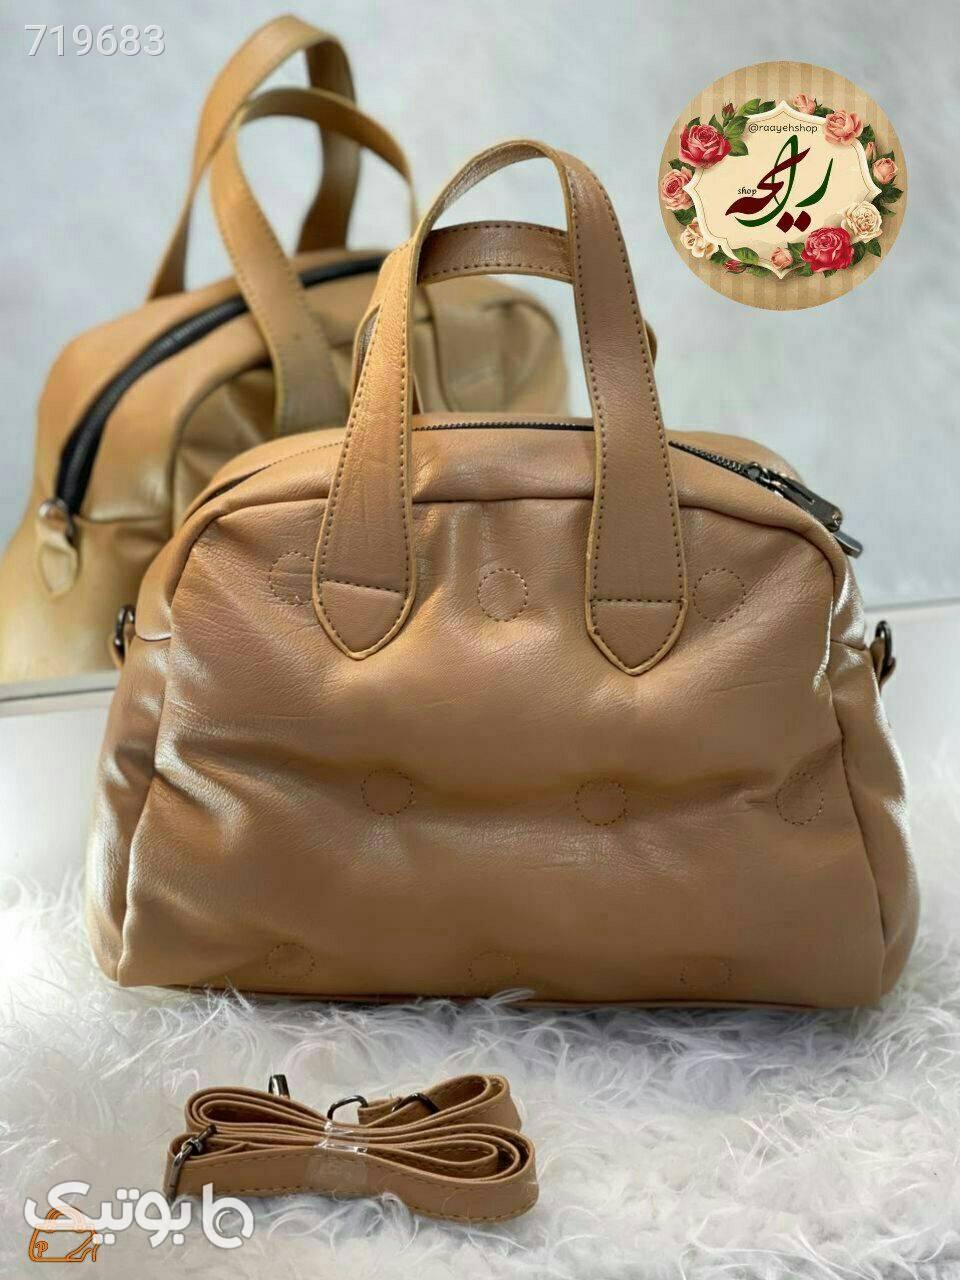 کیف زنانه دستی و دوشی مشکی كيف زنانه